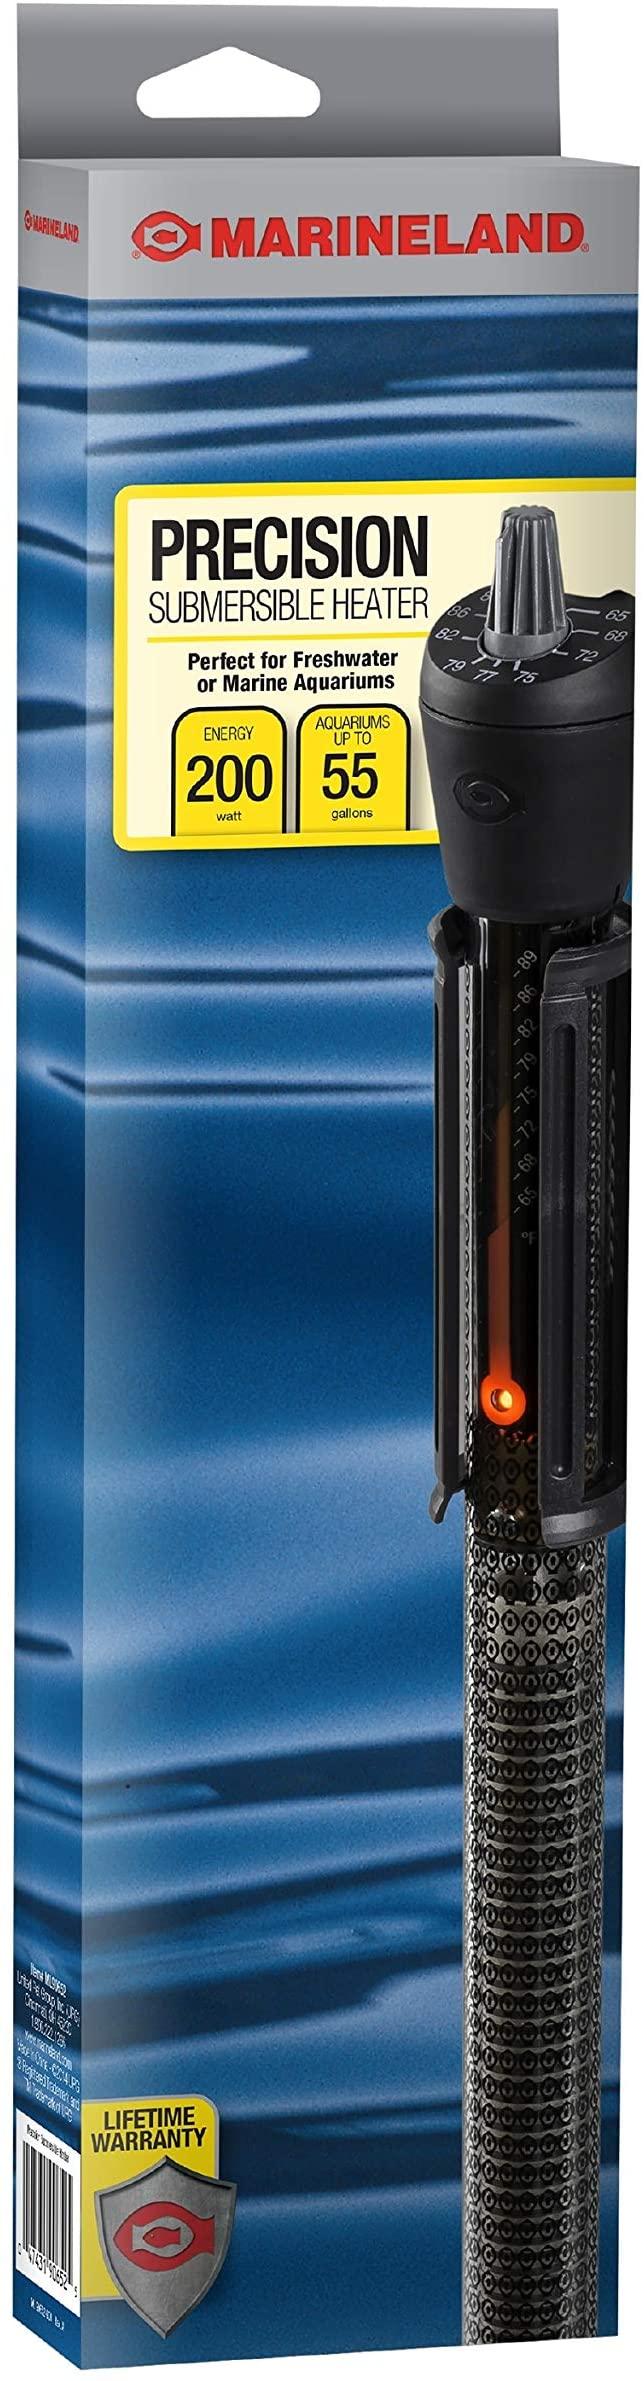 MarineLand ML90652 product image 11